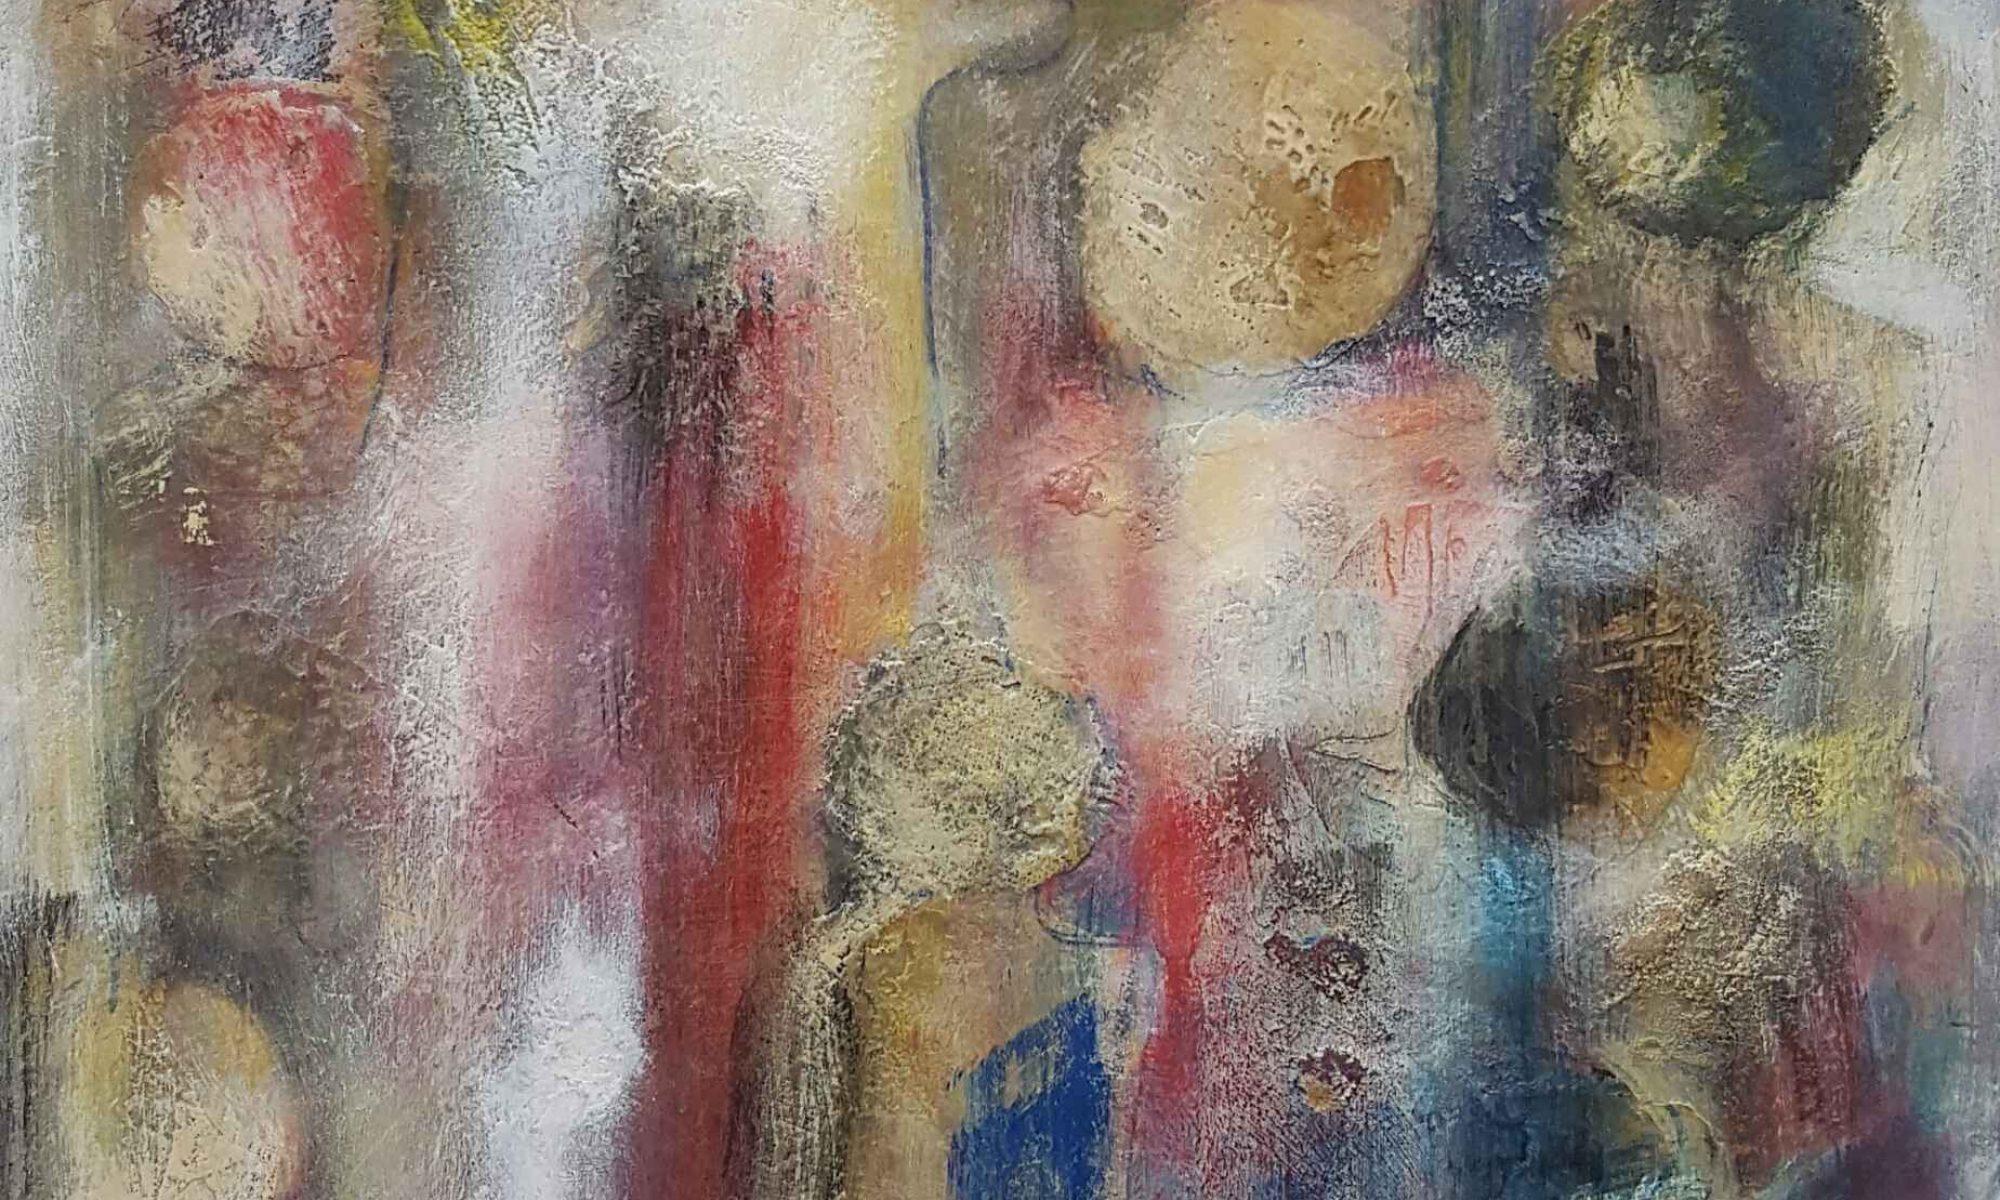 Kunst für die Menschenrechte